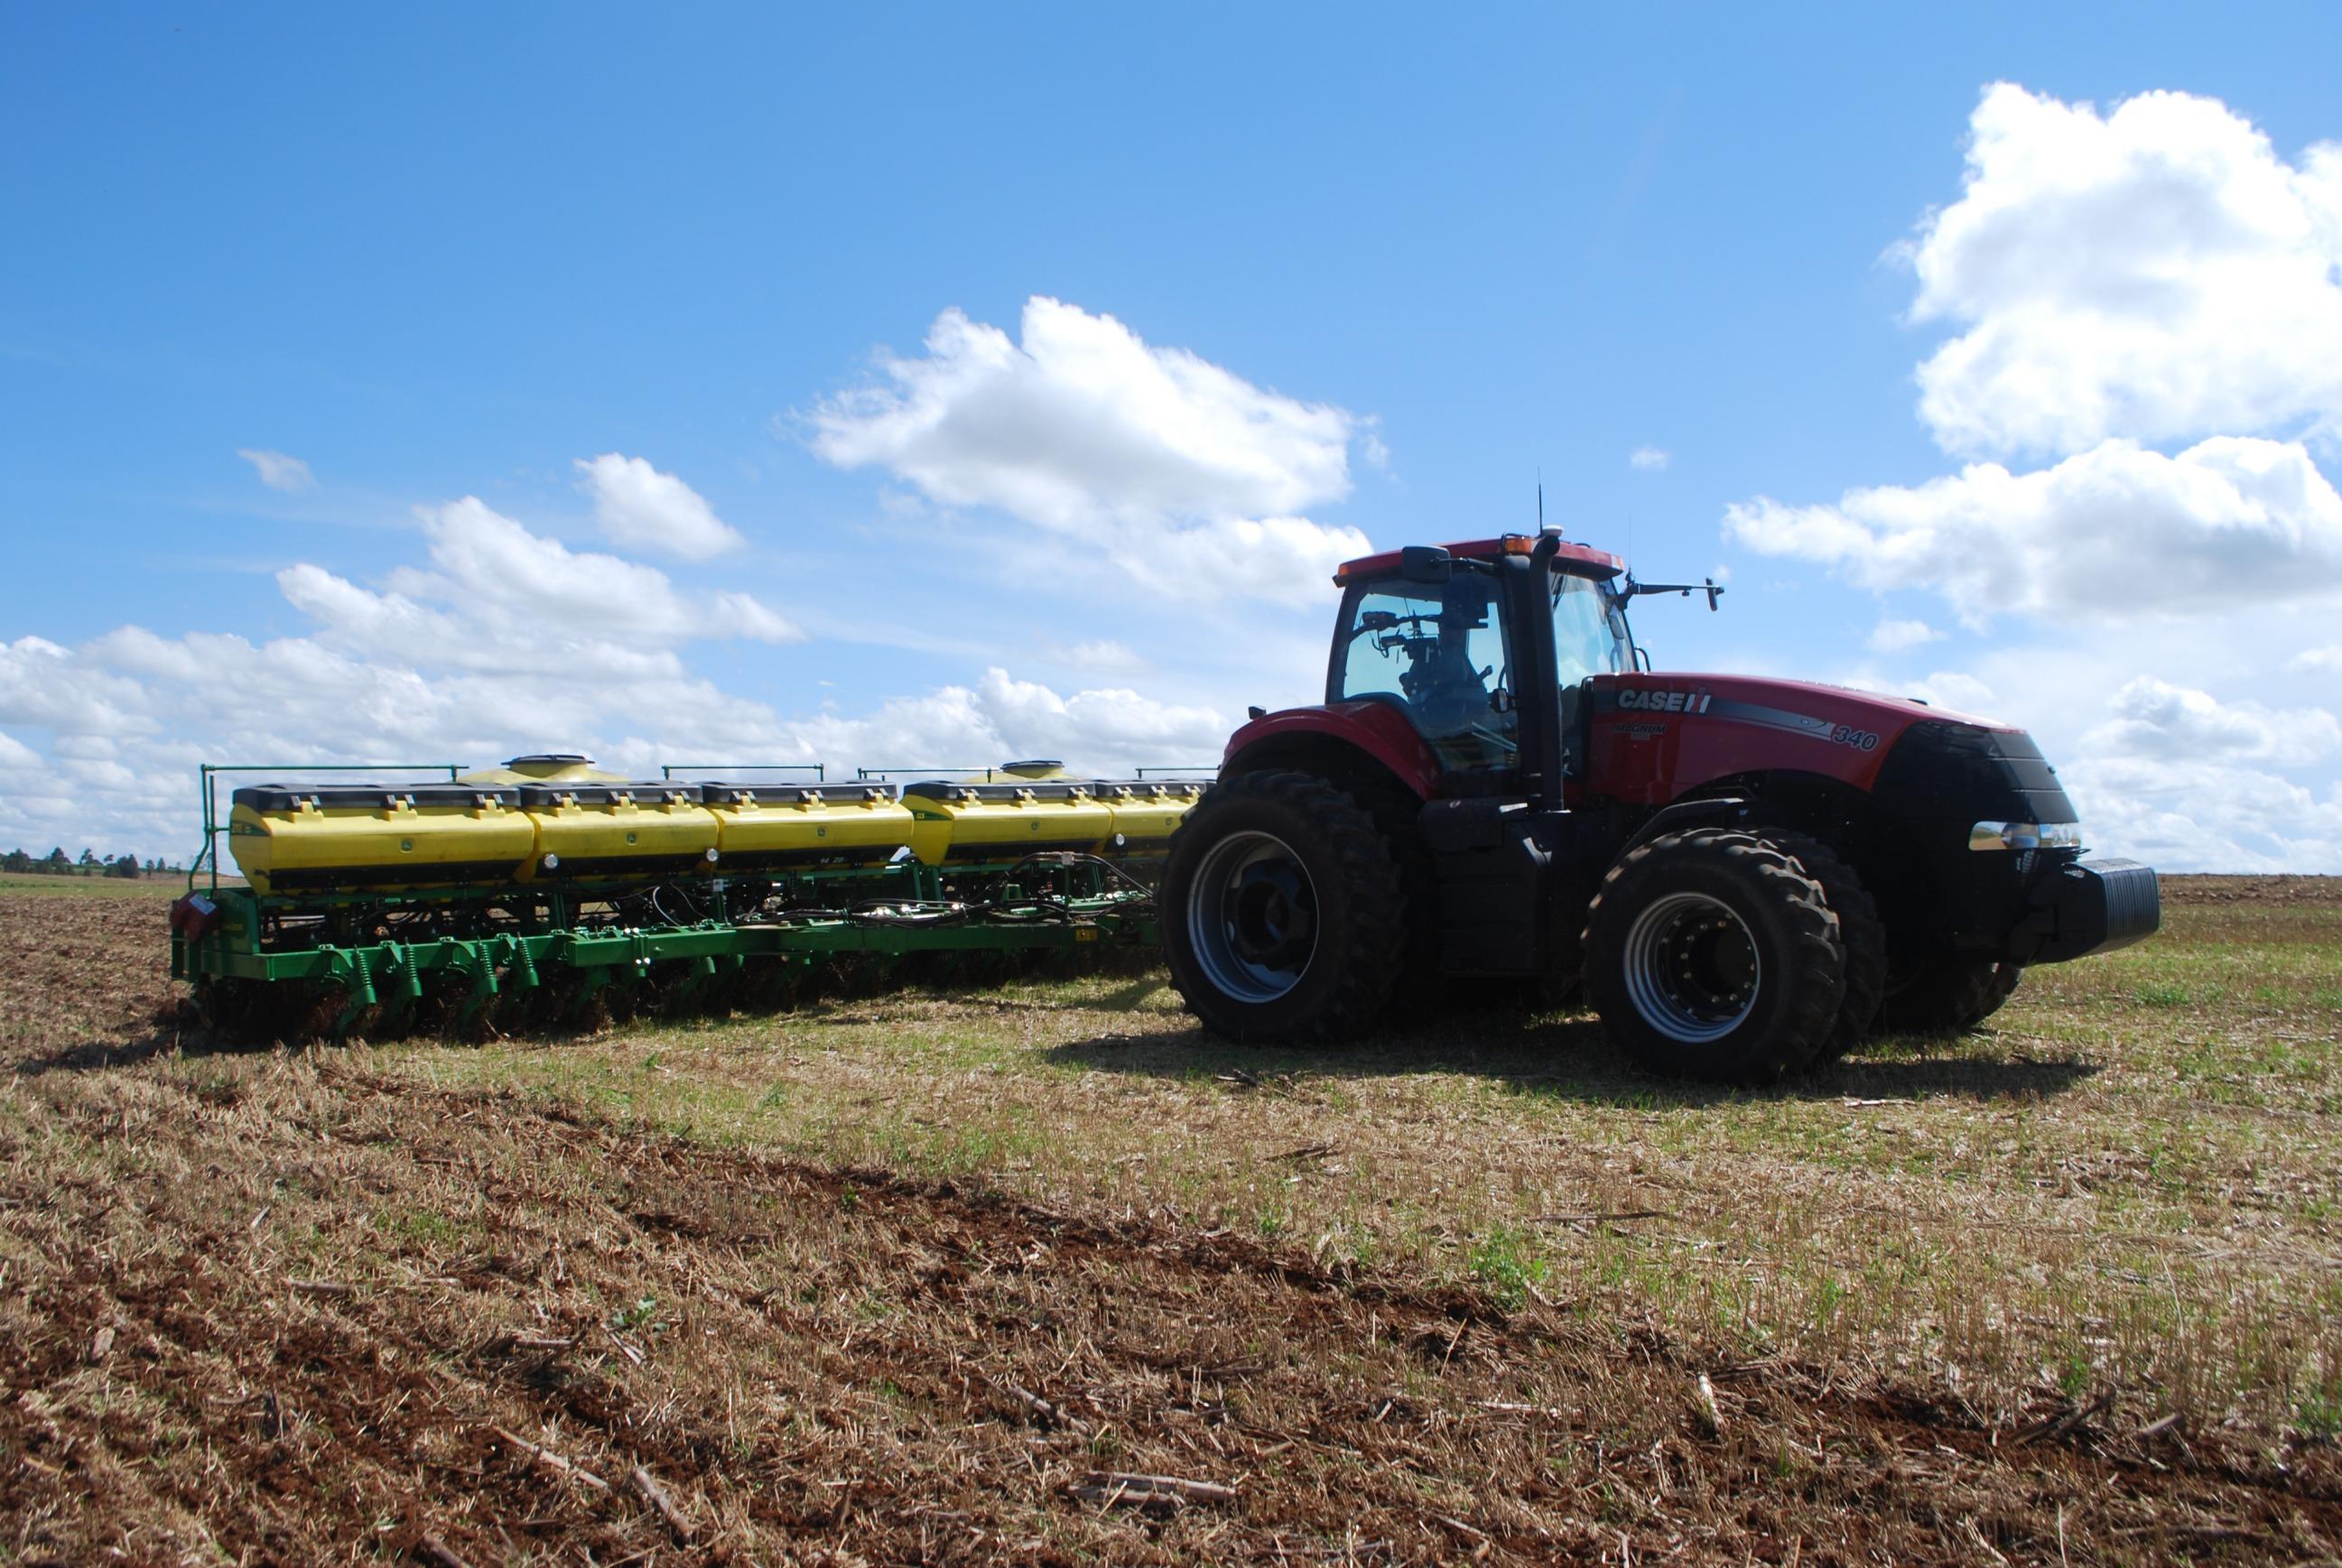 Plantio com piloto automático, RTK, controle de seção, taxa variável de adubo e sementes.